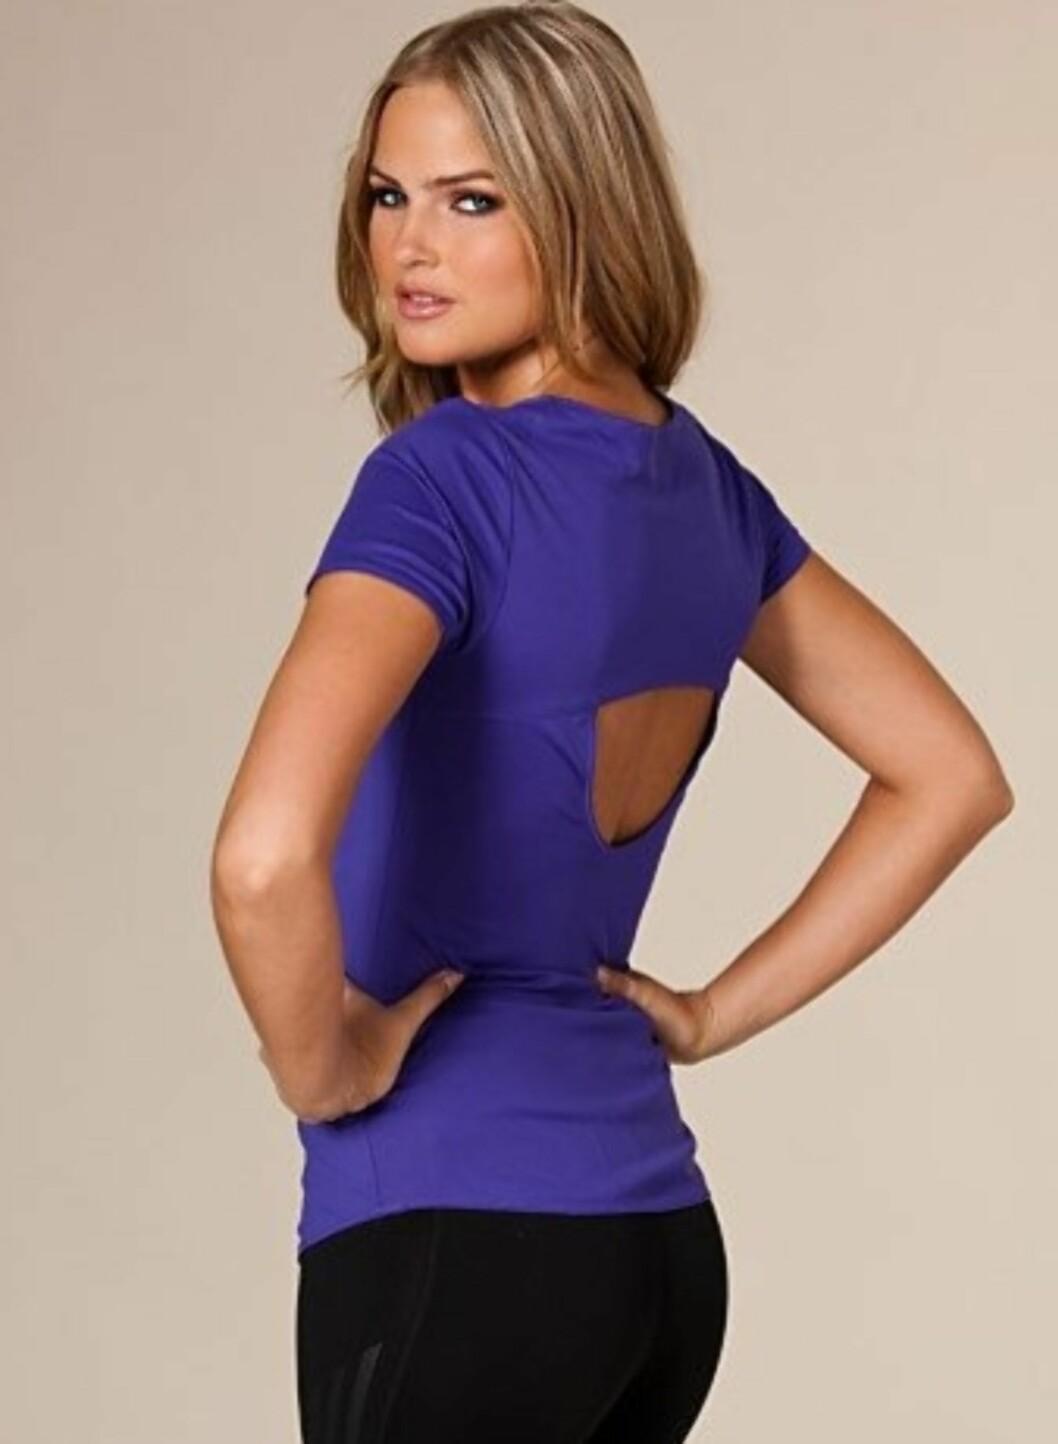 Lekker tettsittende trenings-tskjorte fra Reebok med åpning i ryggen. 499 kroner fra Nelly.com.  Foto: Produsenten